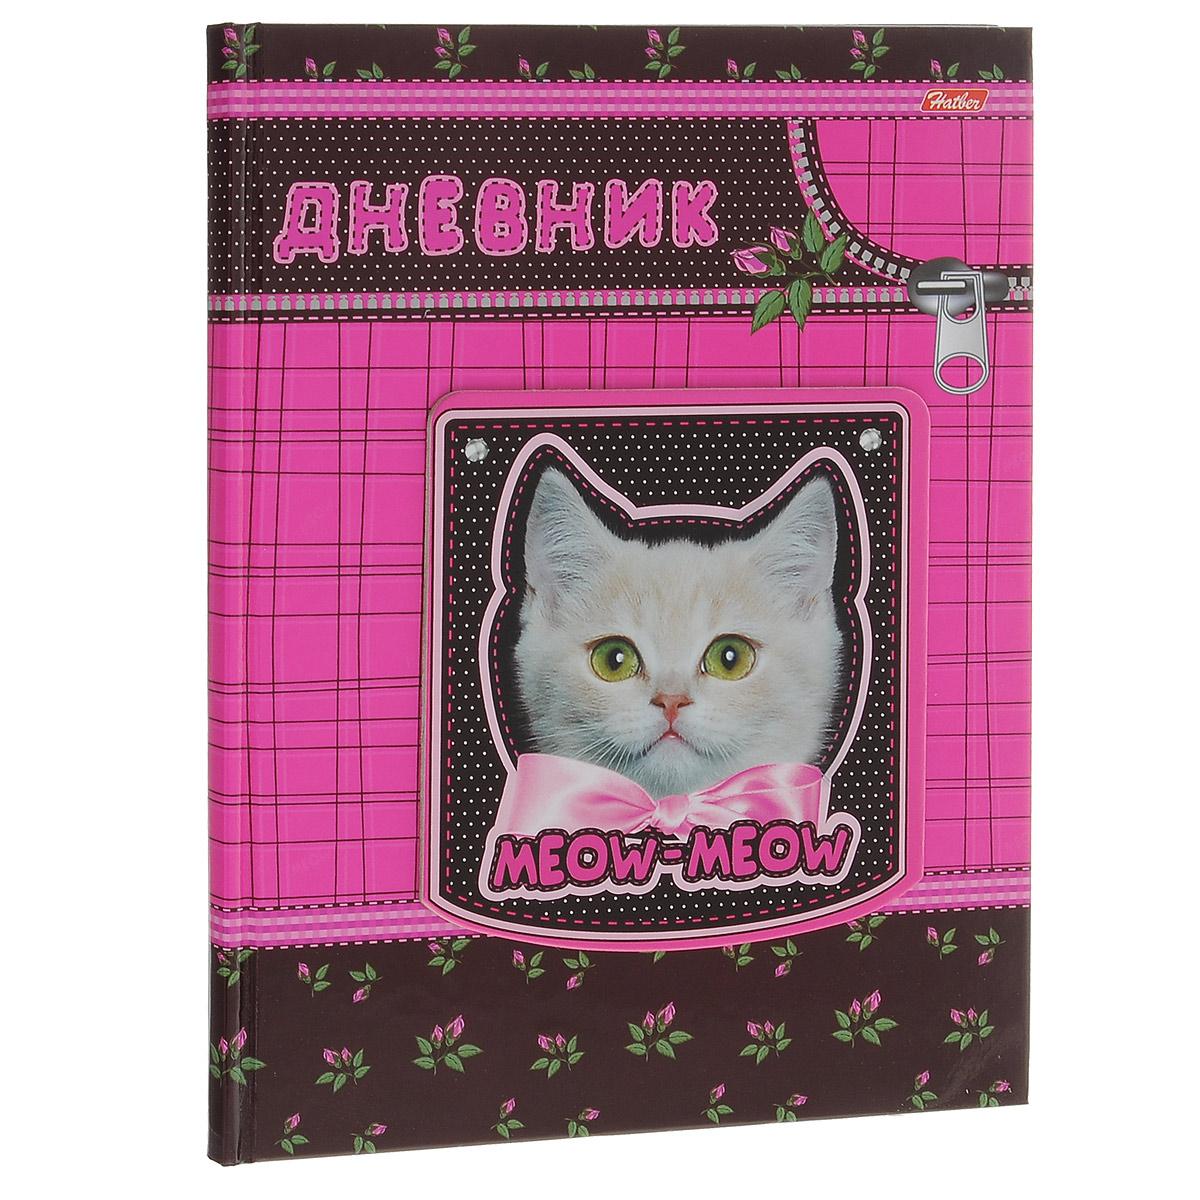 Дневник школьный Hatber Котенок с бантиком, цвет: розовый, бордовый48ДмТ5B_12103Школьный дневник Hatber Котенок с бантиком - первый ежедневник вашего ребенка. Он поможет ему не забыть свои задания, а вы всегда сможете проконтролировать его успеваемость. Дневник предназначен для учеников 1-4 классов. Внутренний блок дневника состоит из 48 листов бумаги бежевого цвета. Обложка дневника выполнена из плотного глянцевого картона с объемной наклейкой с изображением котенка. В структуру дневника входят все необходимые разделы: информация о личных данных ученика, школе и педагогах, друзьях и одноклассниках, расписание факультативов и уроков по четвертям, сведения об успеваемости с рекомендациями педагогического коллектива. Дневник содержит номера телефонов экстренной помощи и даты государственных праздников. Кроме стандартной информации, в конце дневника имеется краткий справочник школьника по математике и русскому языку. Справочник содержит таблицу умножения, ряд формул, правил и подсказок по предмету, которому они предназначены. ...